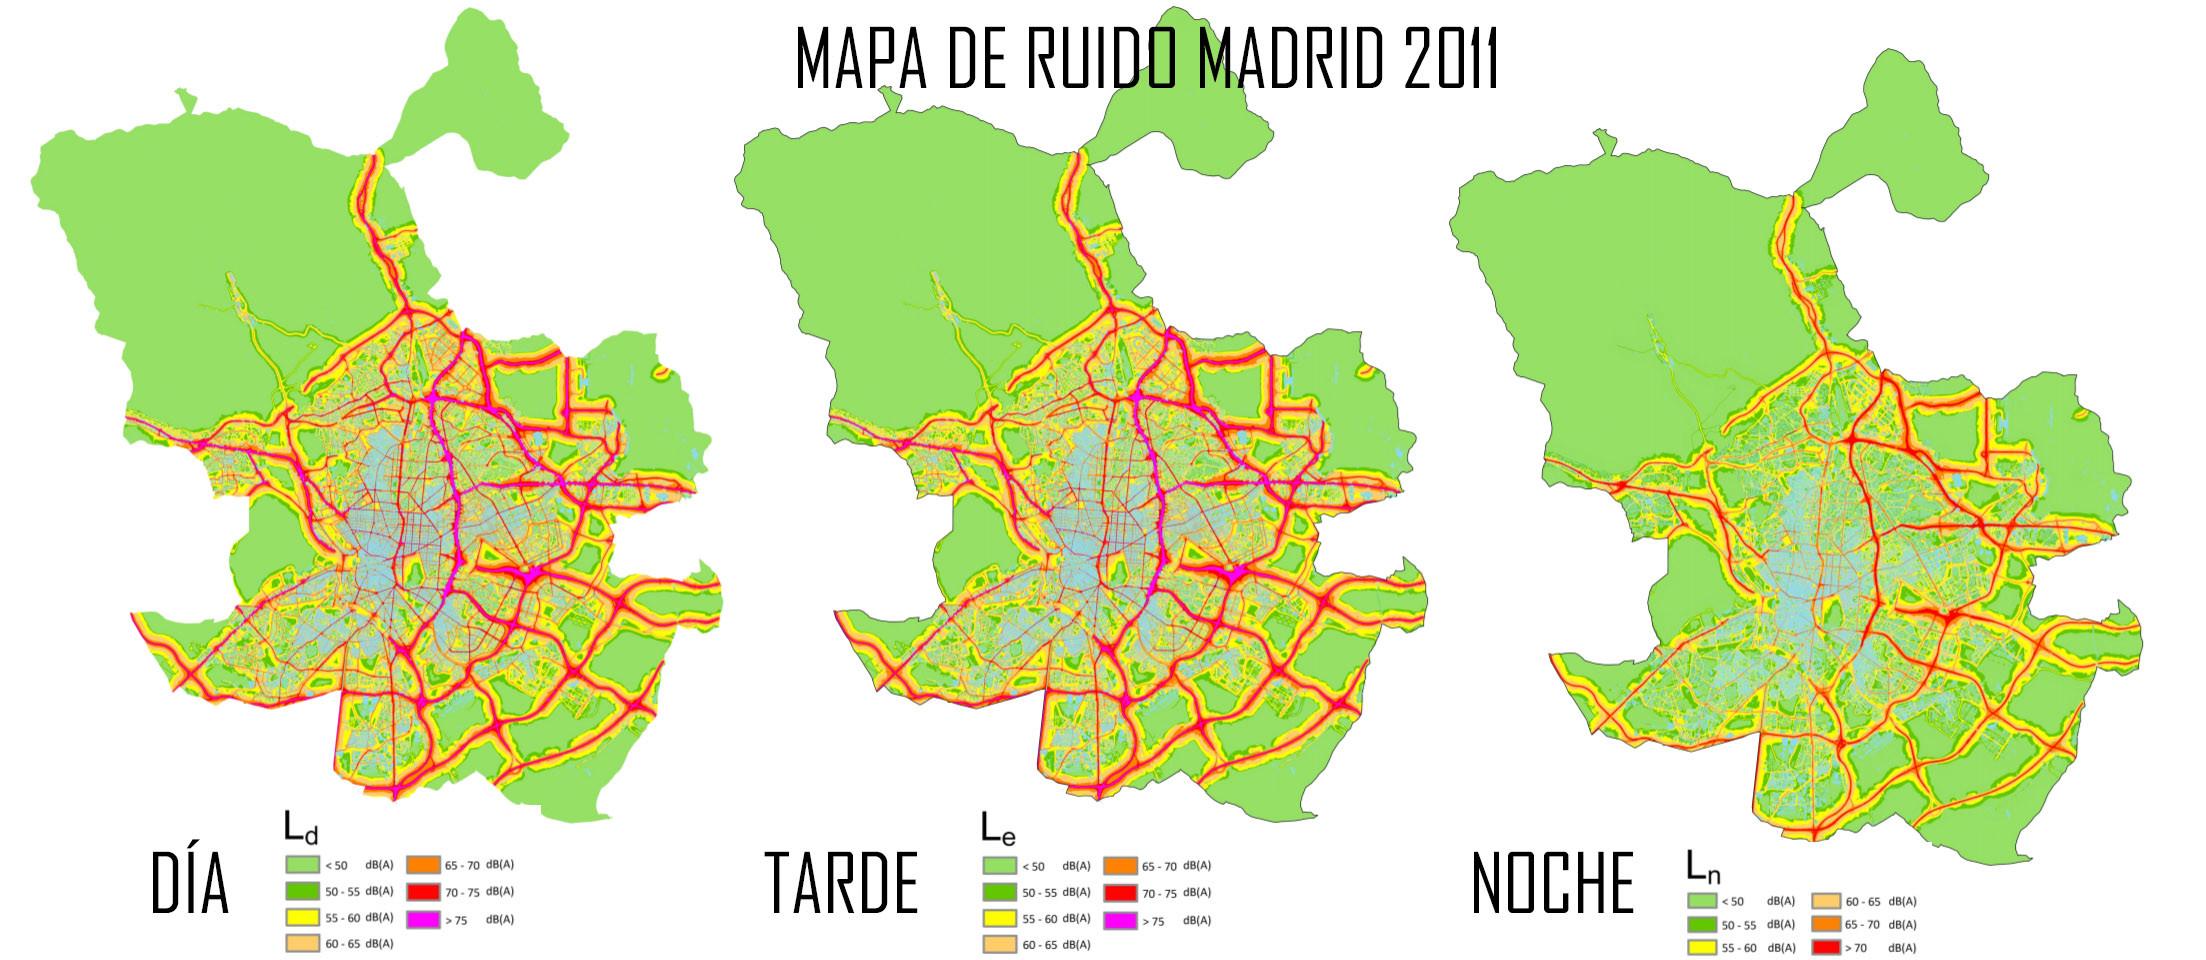 mapa ruido madrid